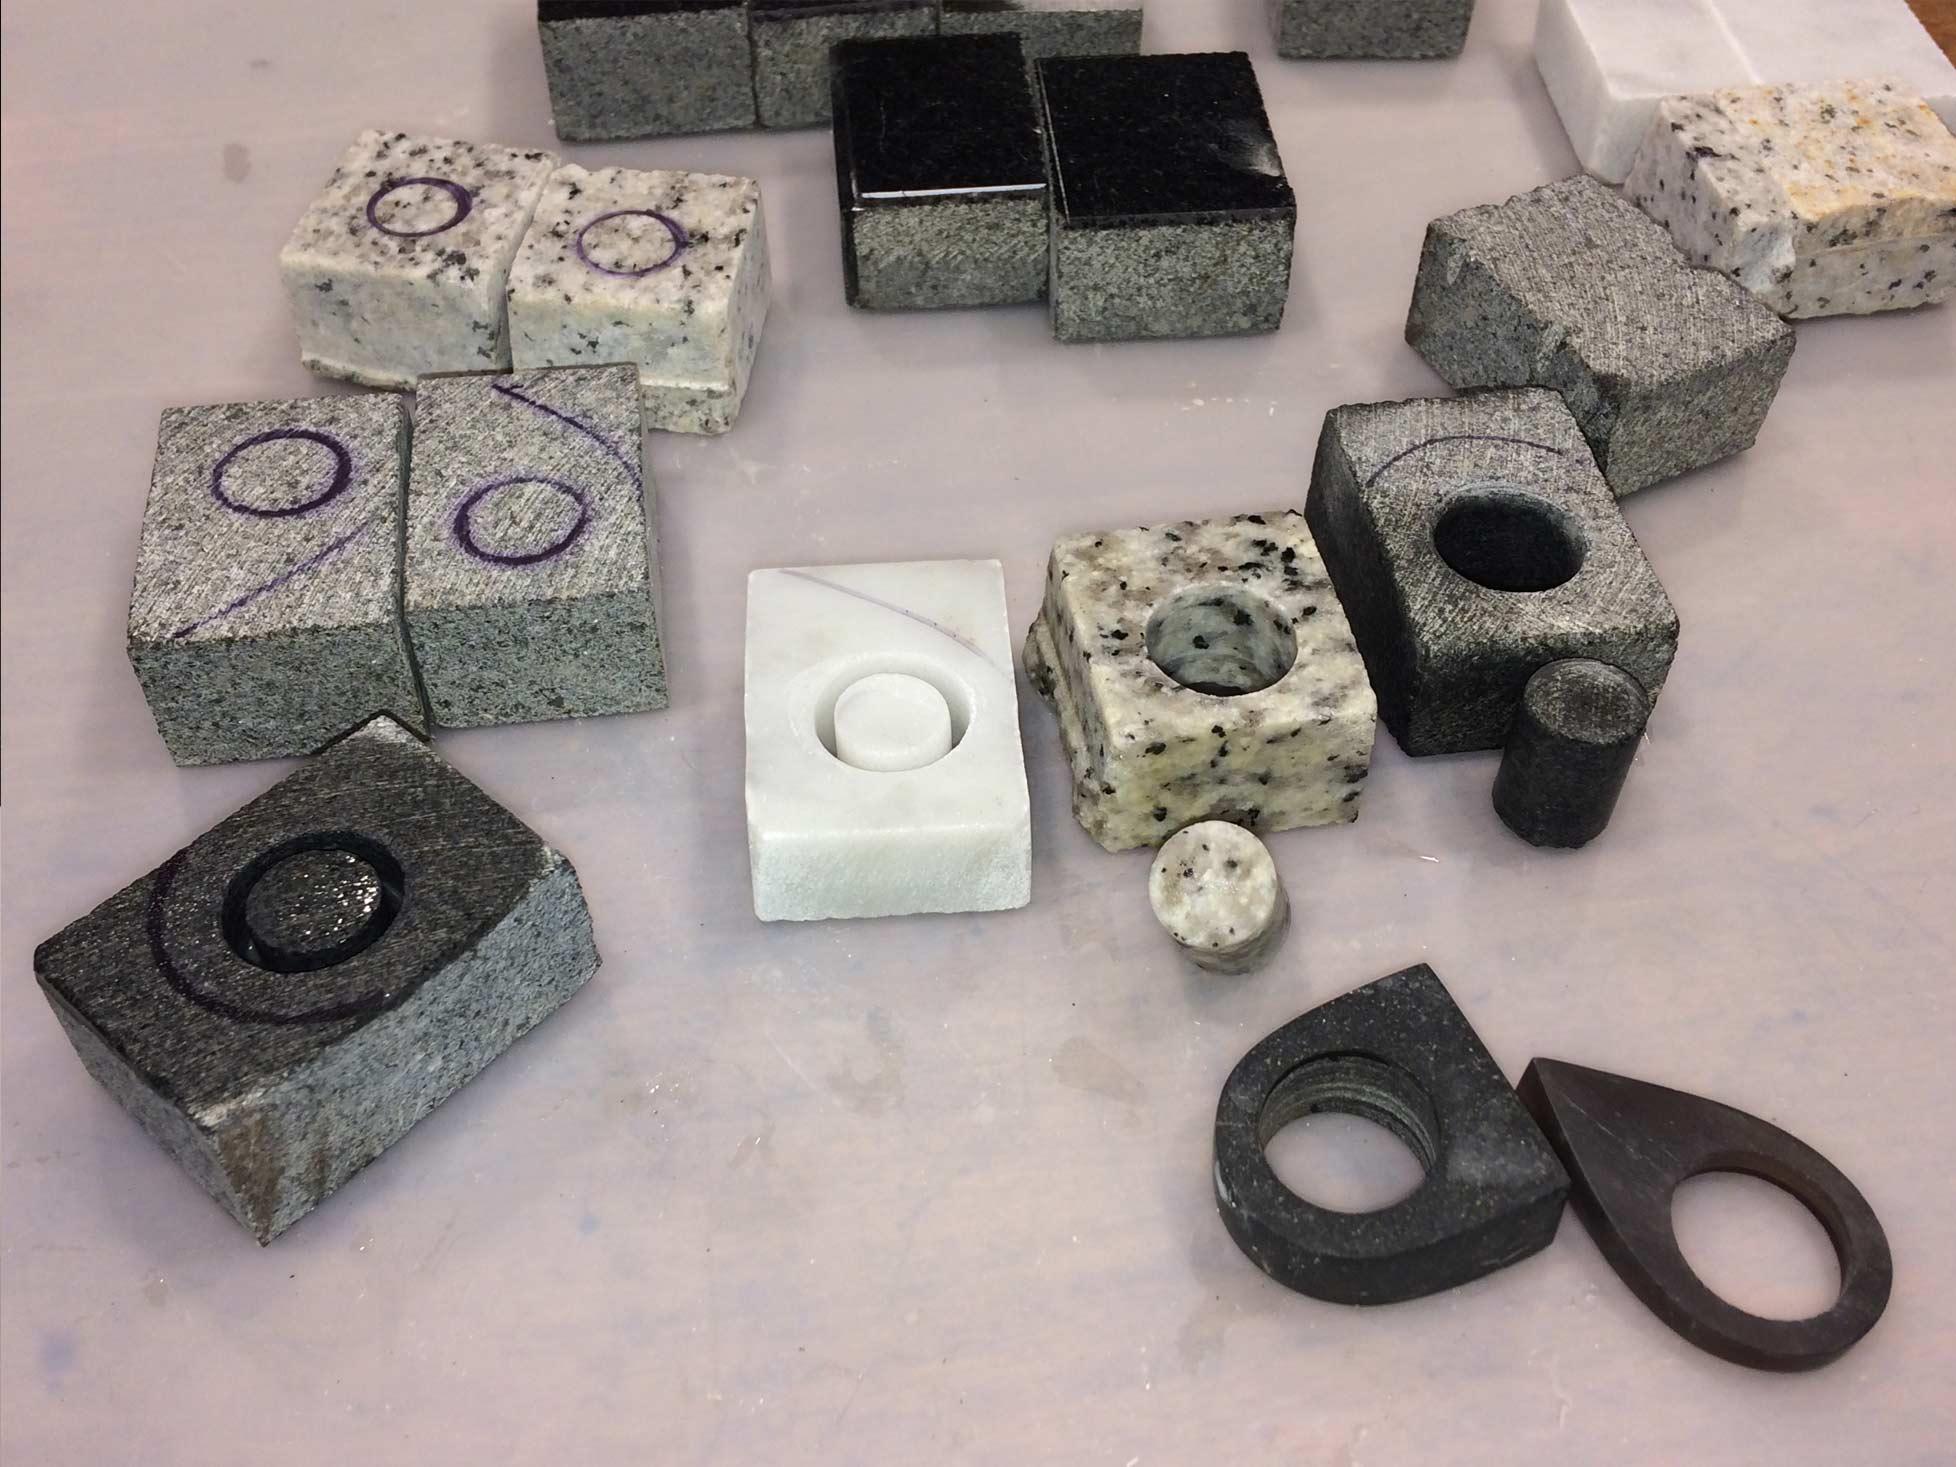 Produktudvikling og Industrielt Design Fremstilling af prototyper af smykker i sten og ædelsten 6